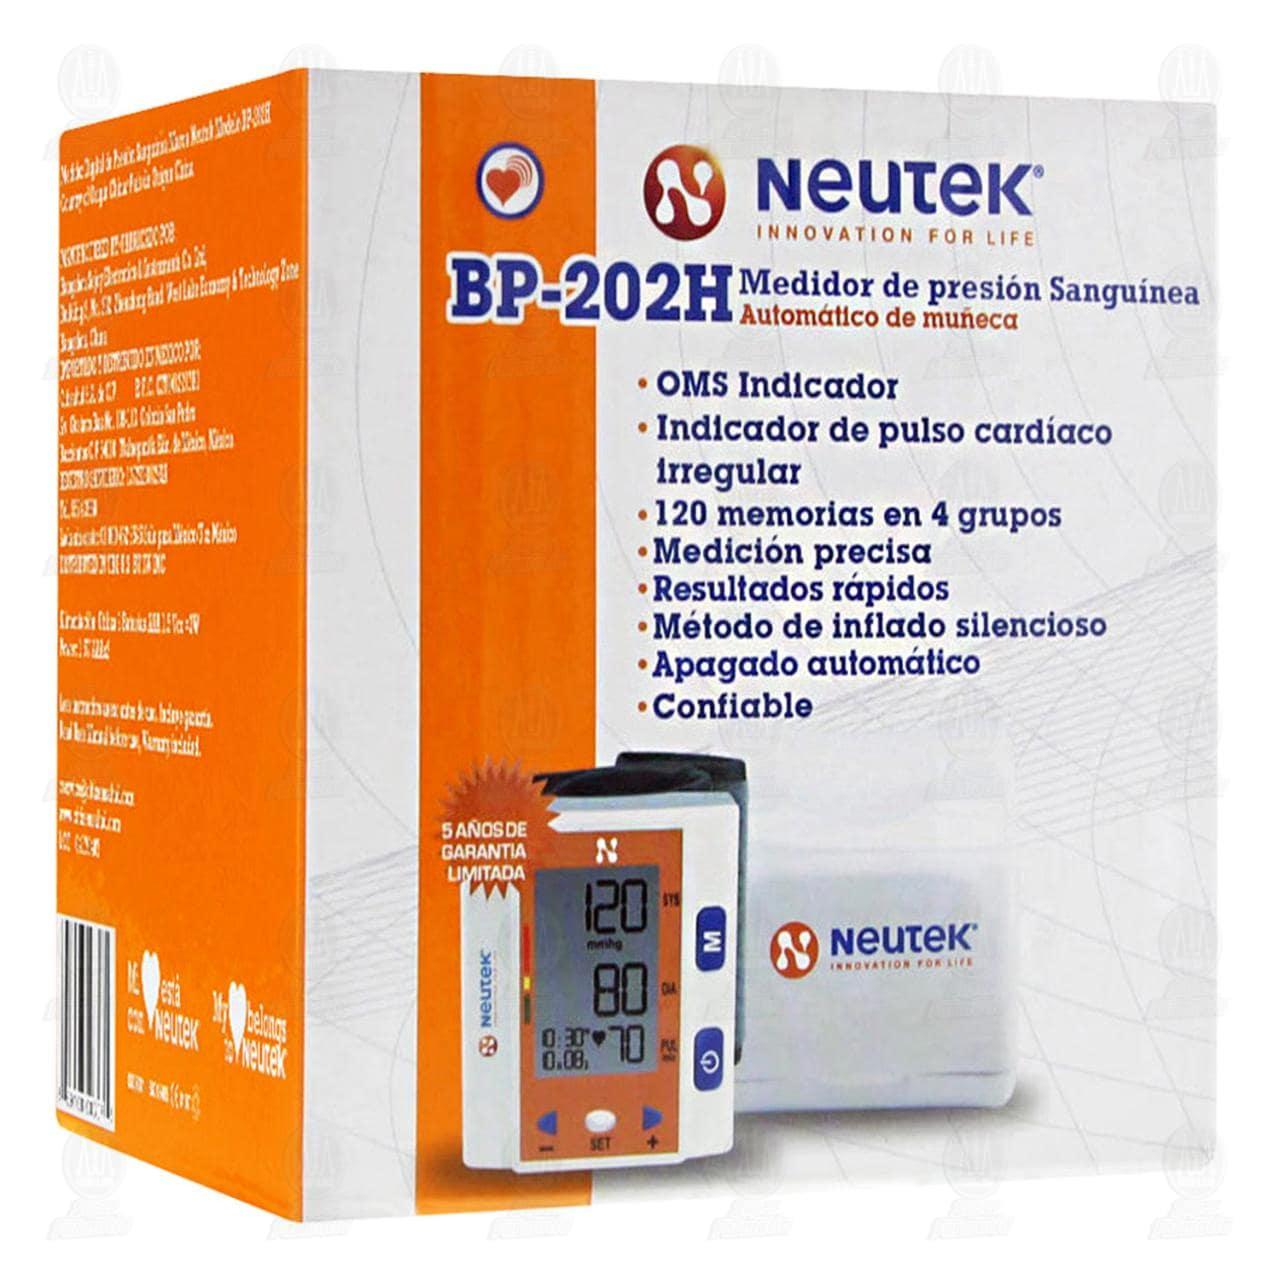 Comprar Monitor Neutek De Presión Sanguínea Para Muñeca Automático en Farmacias Guadalajara